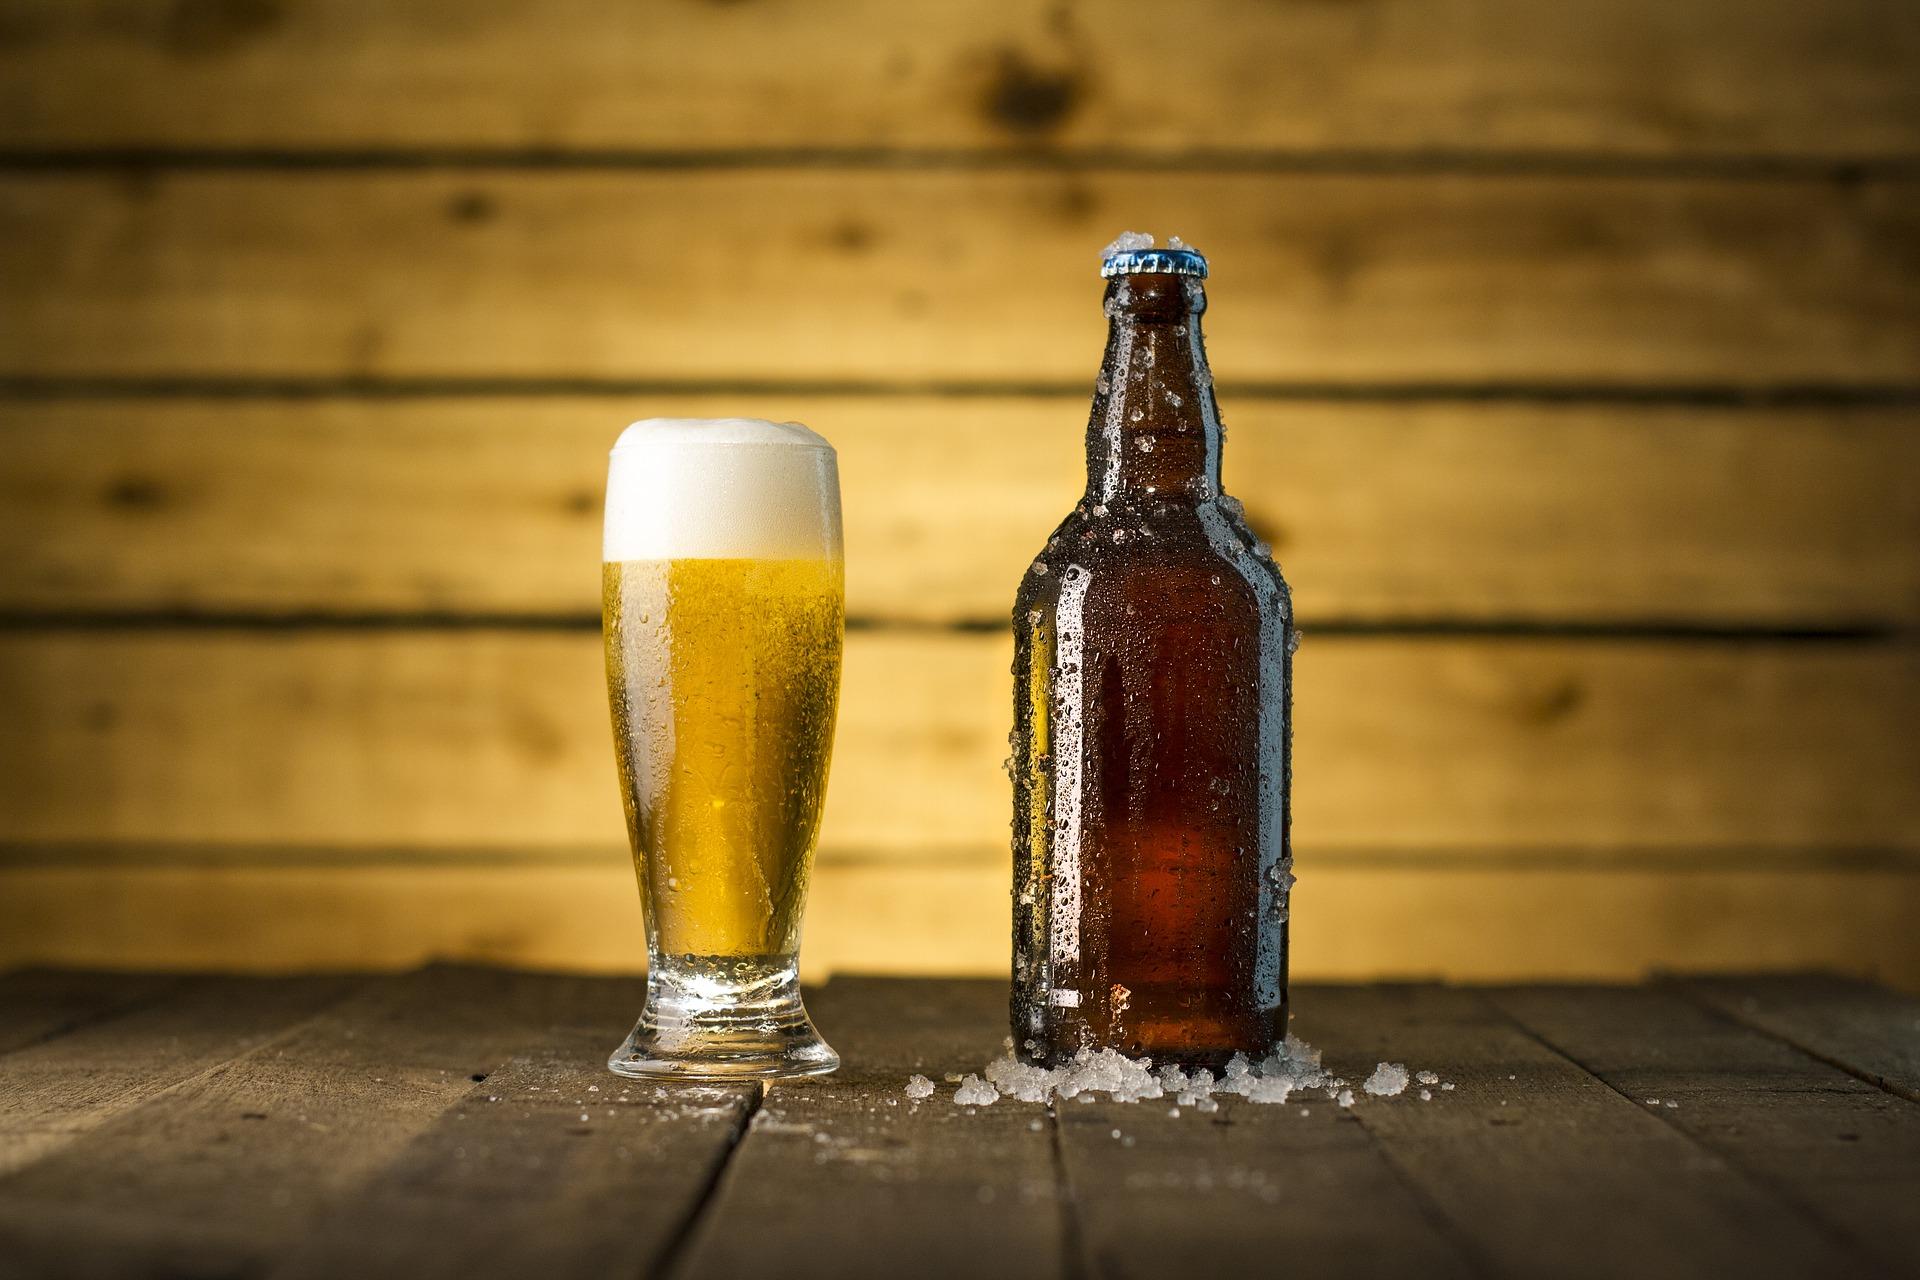 ビール醸造方法